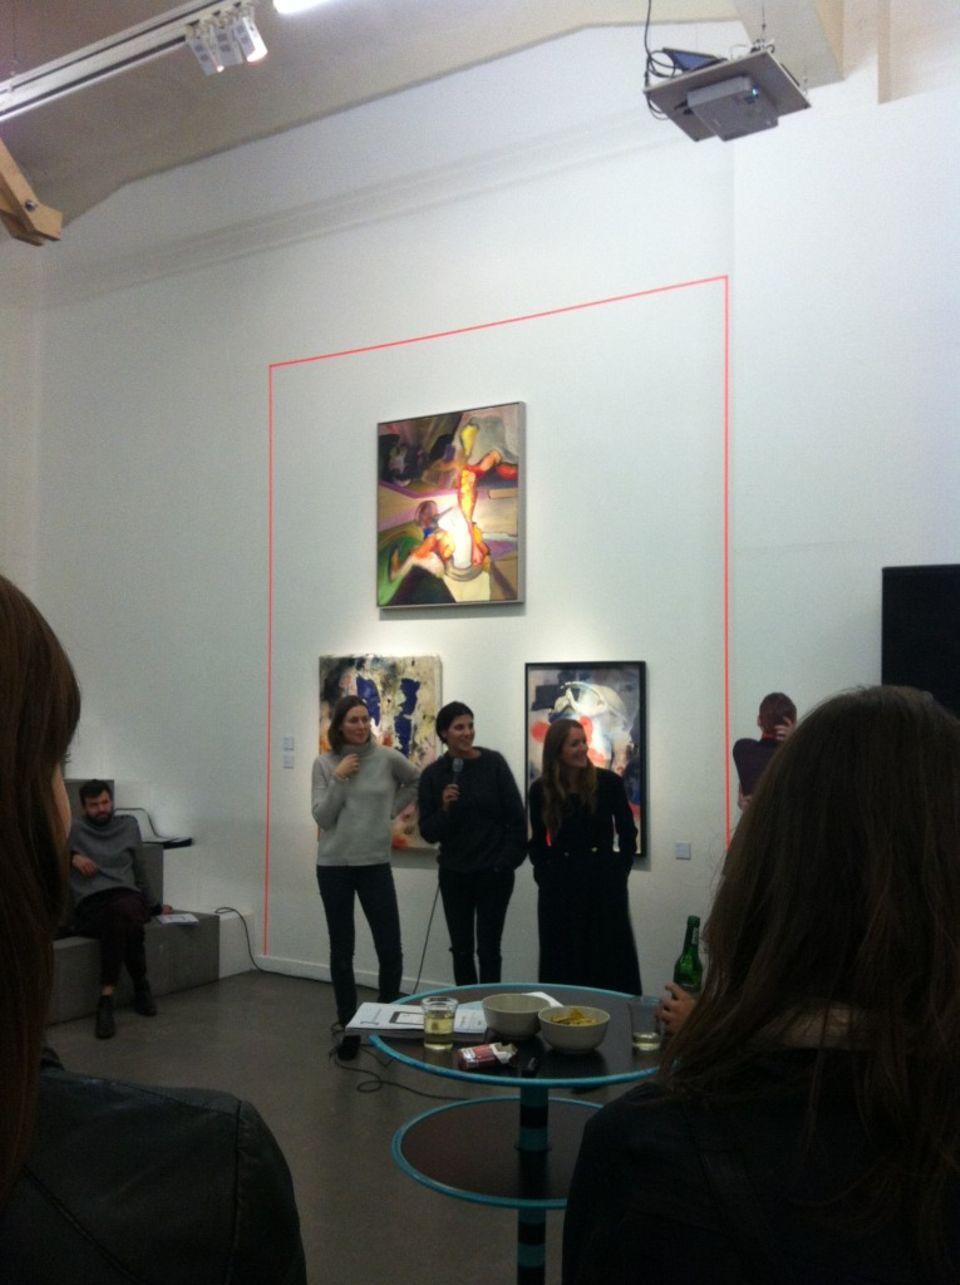 Freizeit: NEON-Chefredakteurin Nicole Zepter, Modeleitung Aicha Reh und Moderedakteurin Lesley Sevriens (v.l.n.r.) bei der Ausstellung.